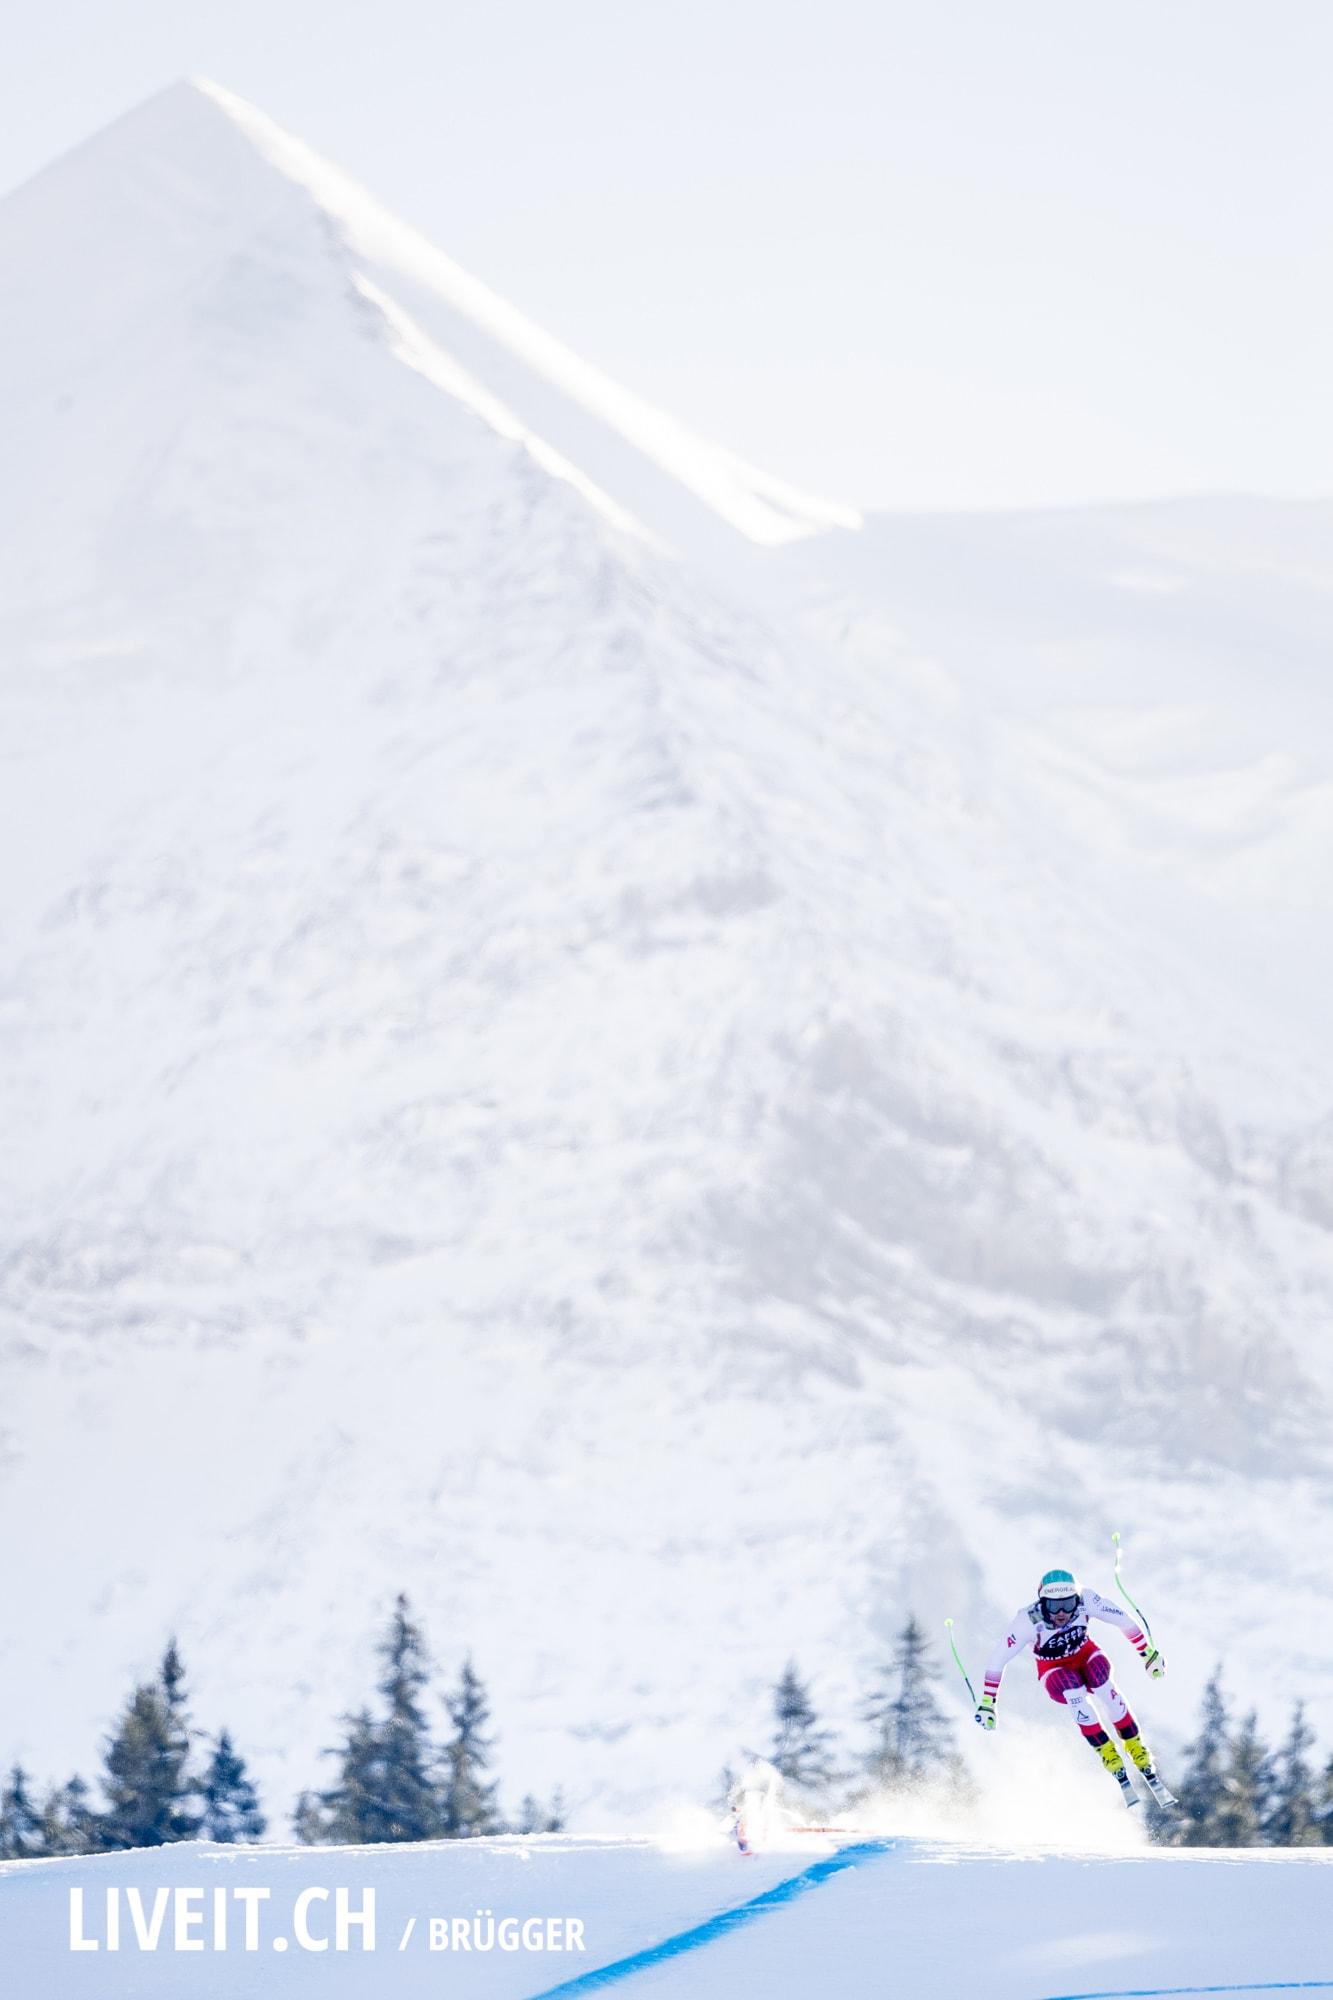 Vincent Kriechmayer (AUT) fotografiert am Samstag, 19. Januar 2019 am Lauberhornrennen in der Disziplin: Abfahrt. (Fotografiert von Dominic Bruegger liveit.ch)